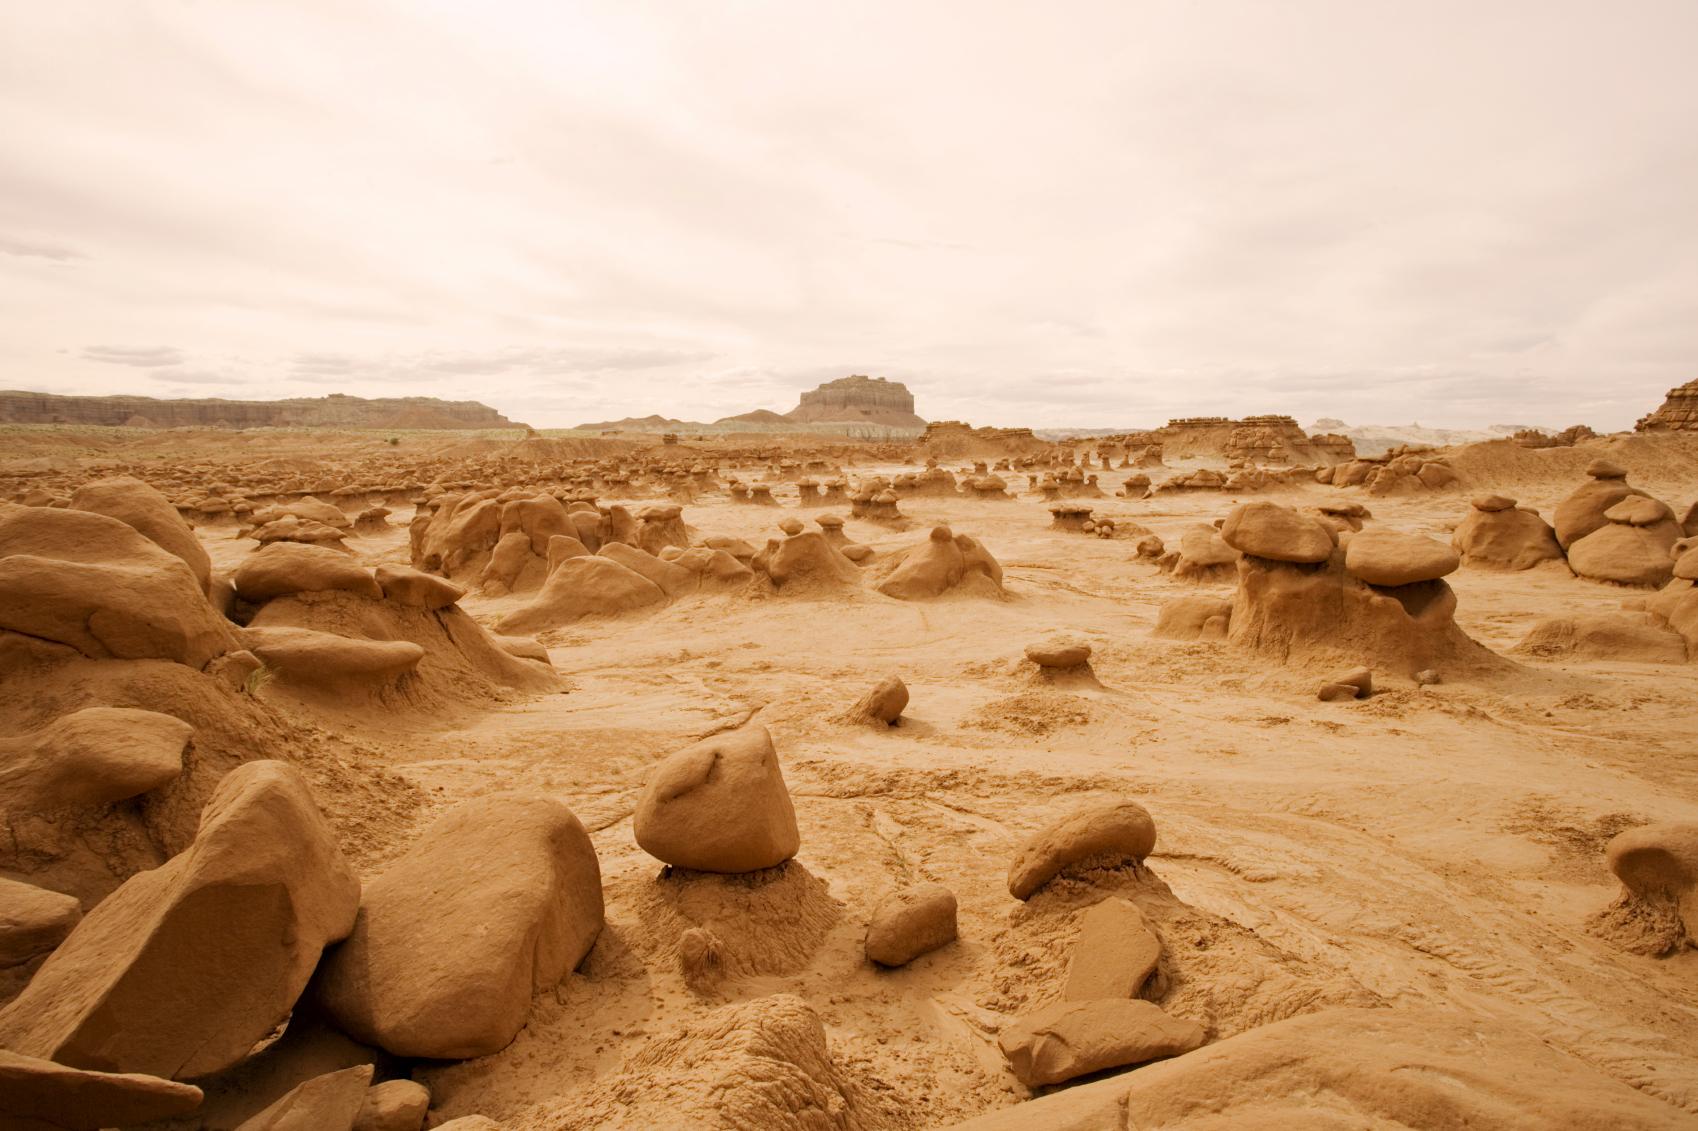 mars landscape materials - HD3840×2160